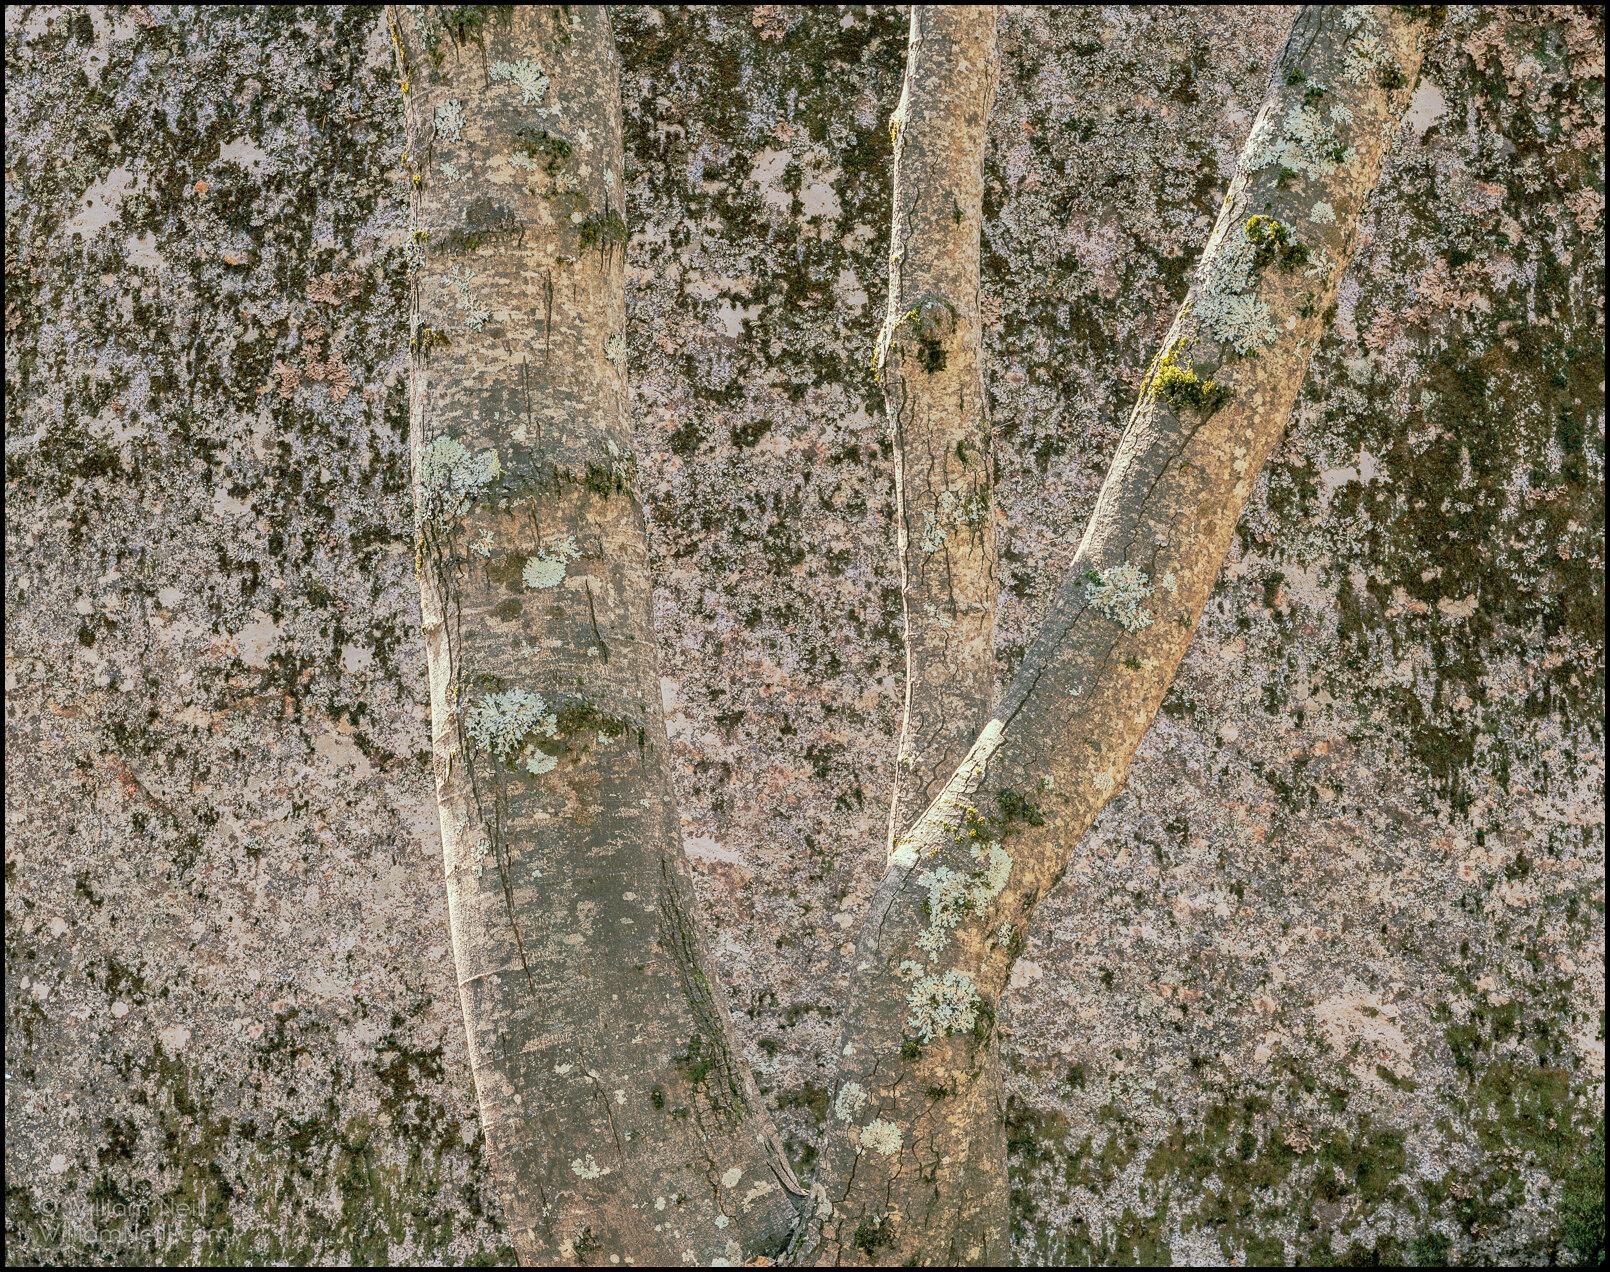 Alder and granite boulder, Yosemite Valley, Yosemite National Park,  California  1984